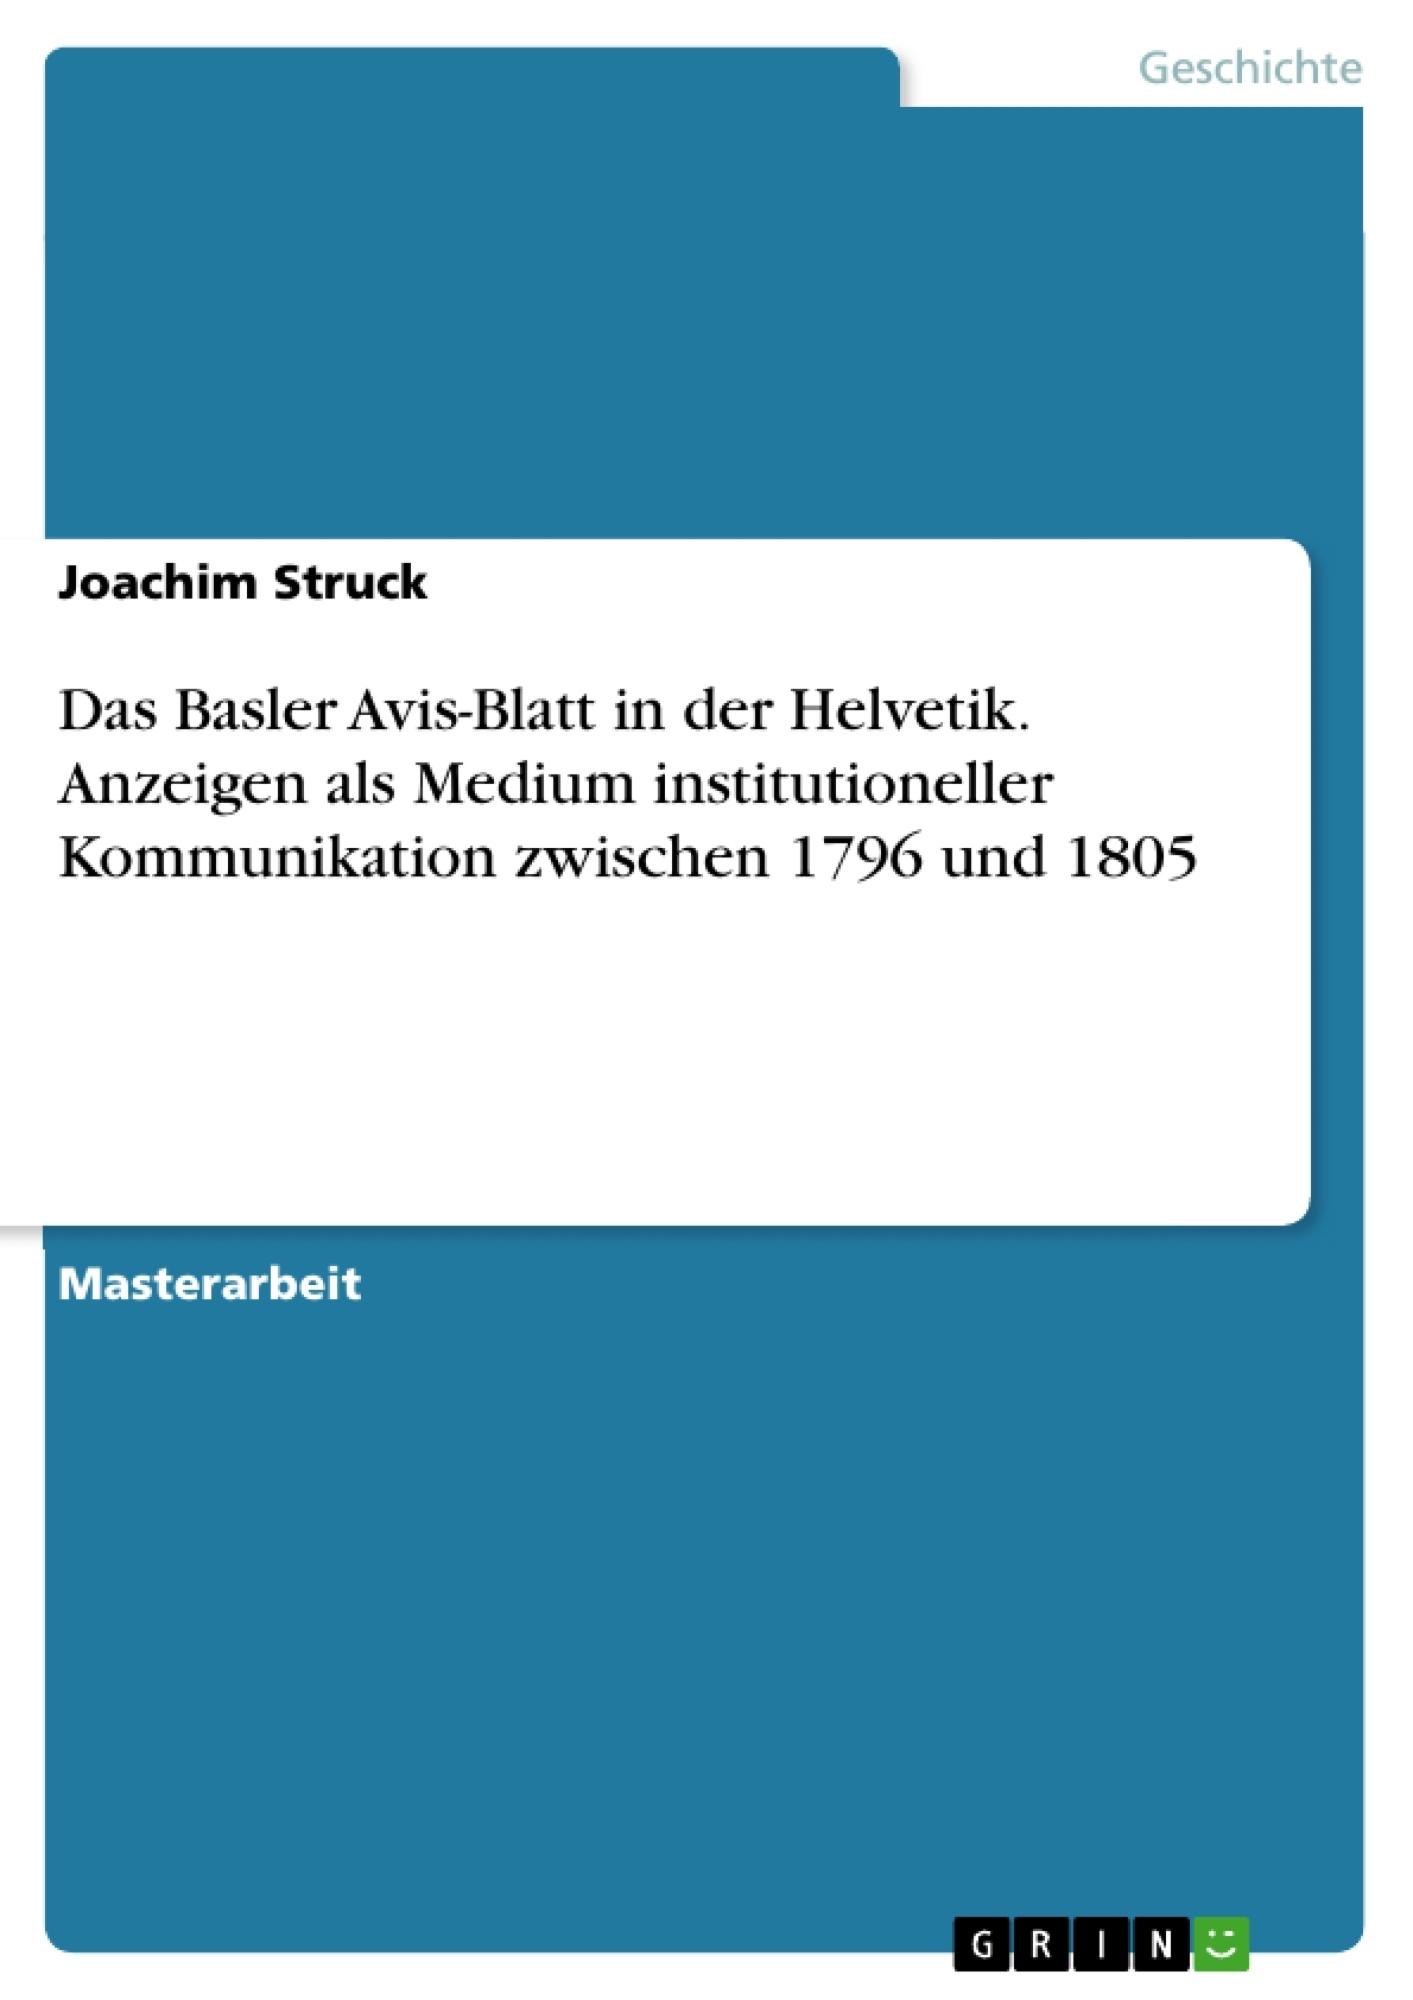 Titel: Das Basler Avis-Blatt in der Helvetik. Anzeigen als Medium institutioneller Kommunikation zwischen 1796 und 1805